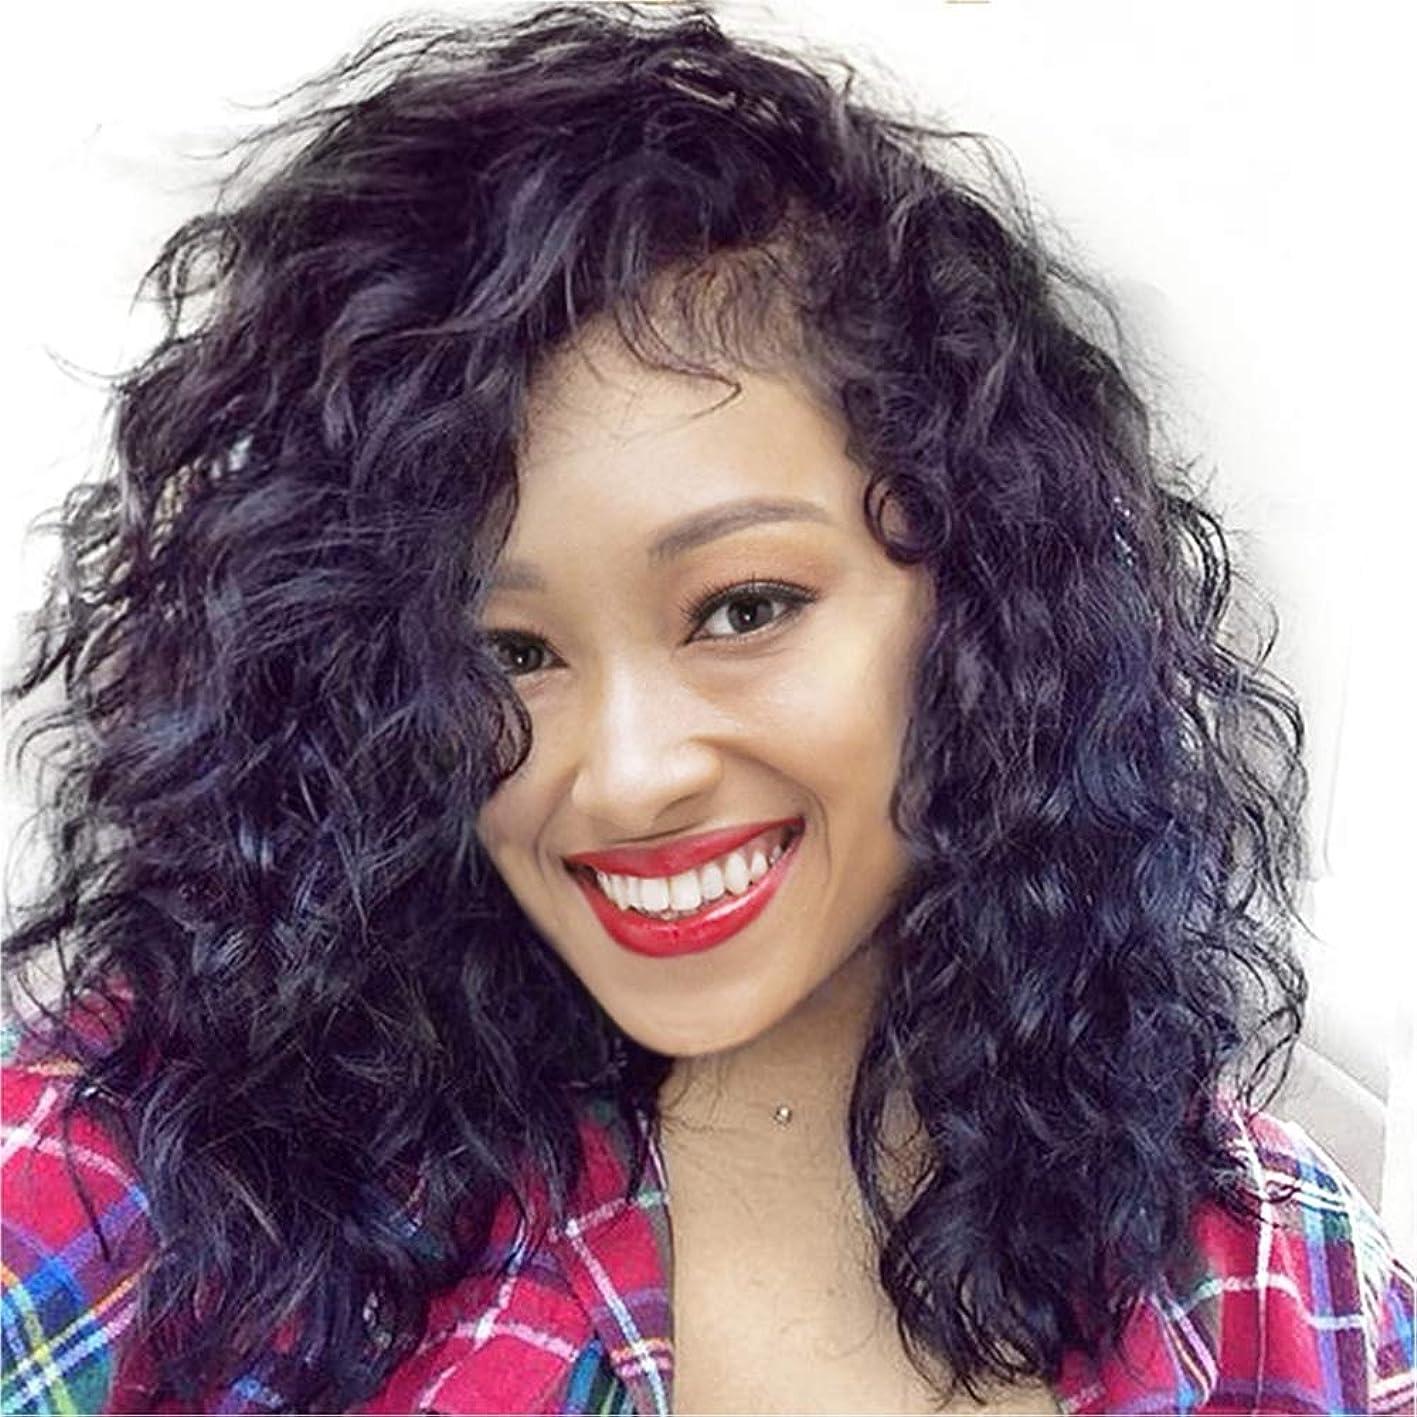 粘液ポータブル日常的に180%密度ブラジルカーリーレースフロント人間の髪の毛のかつらボブ用かつらヘアライン用黒人女性18インチ